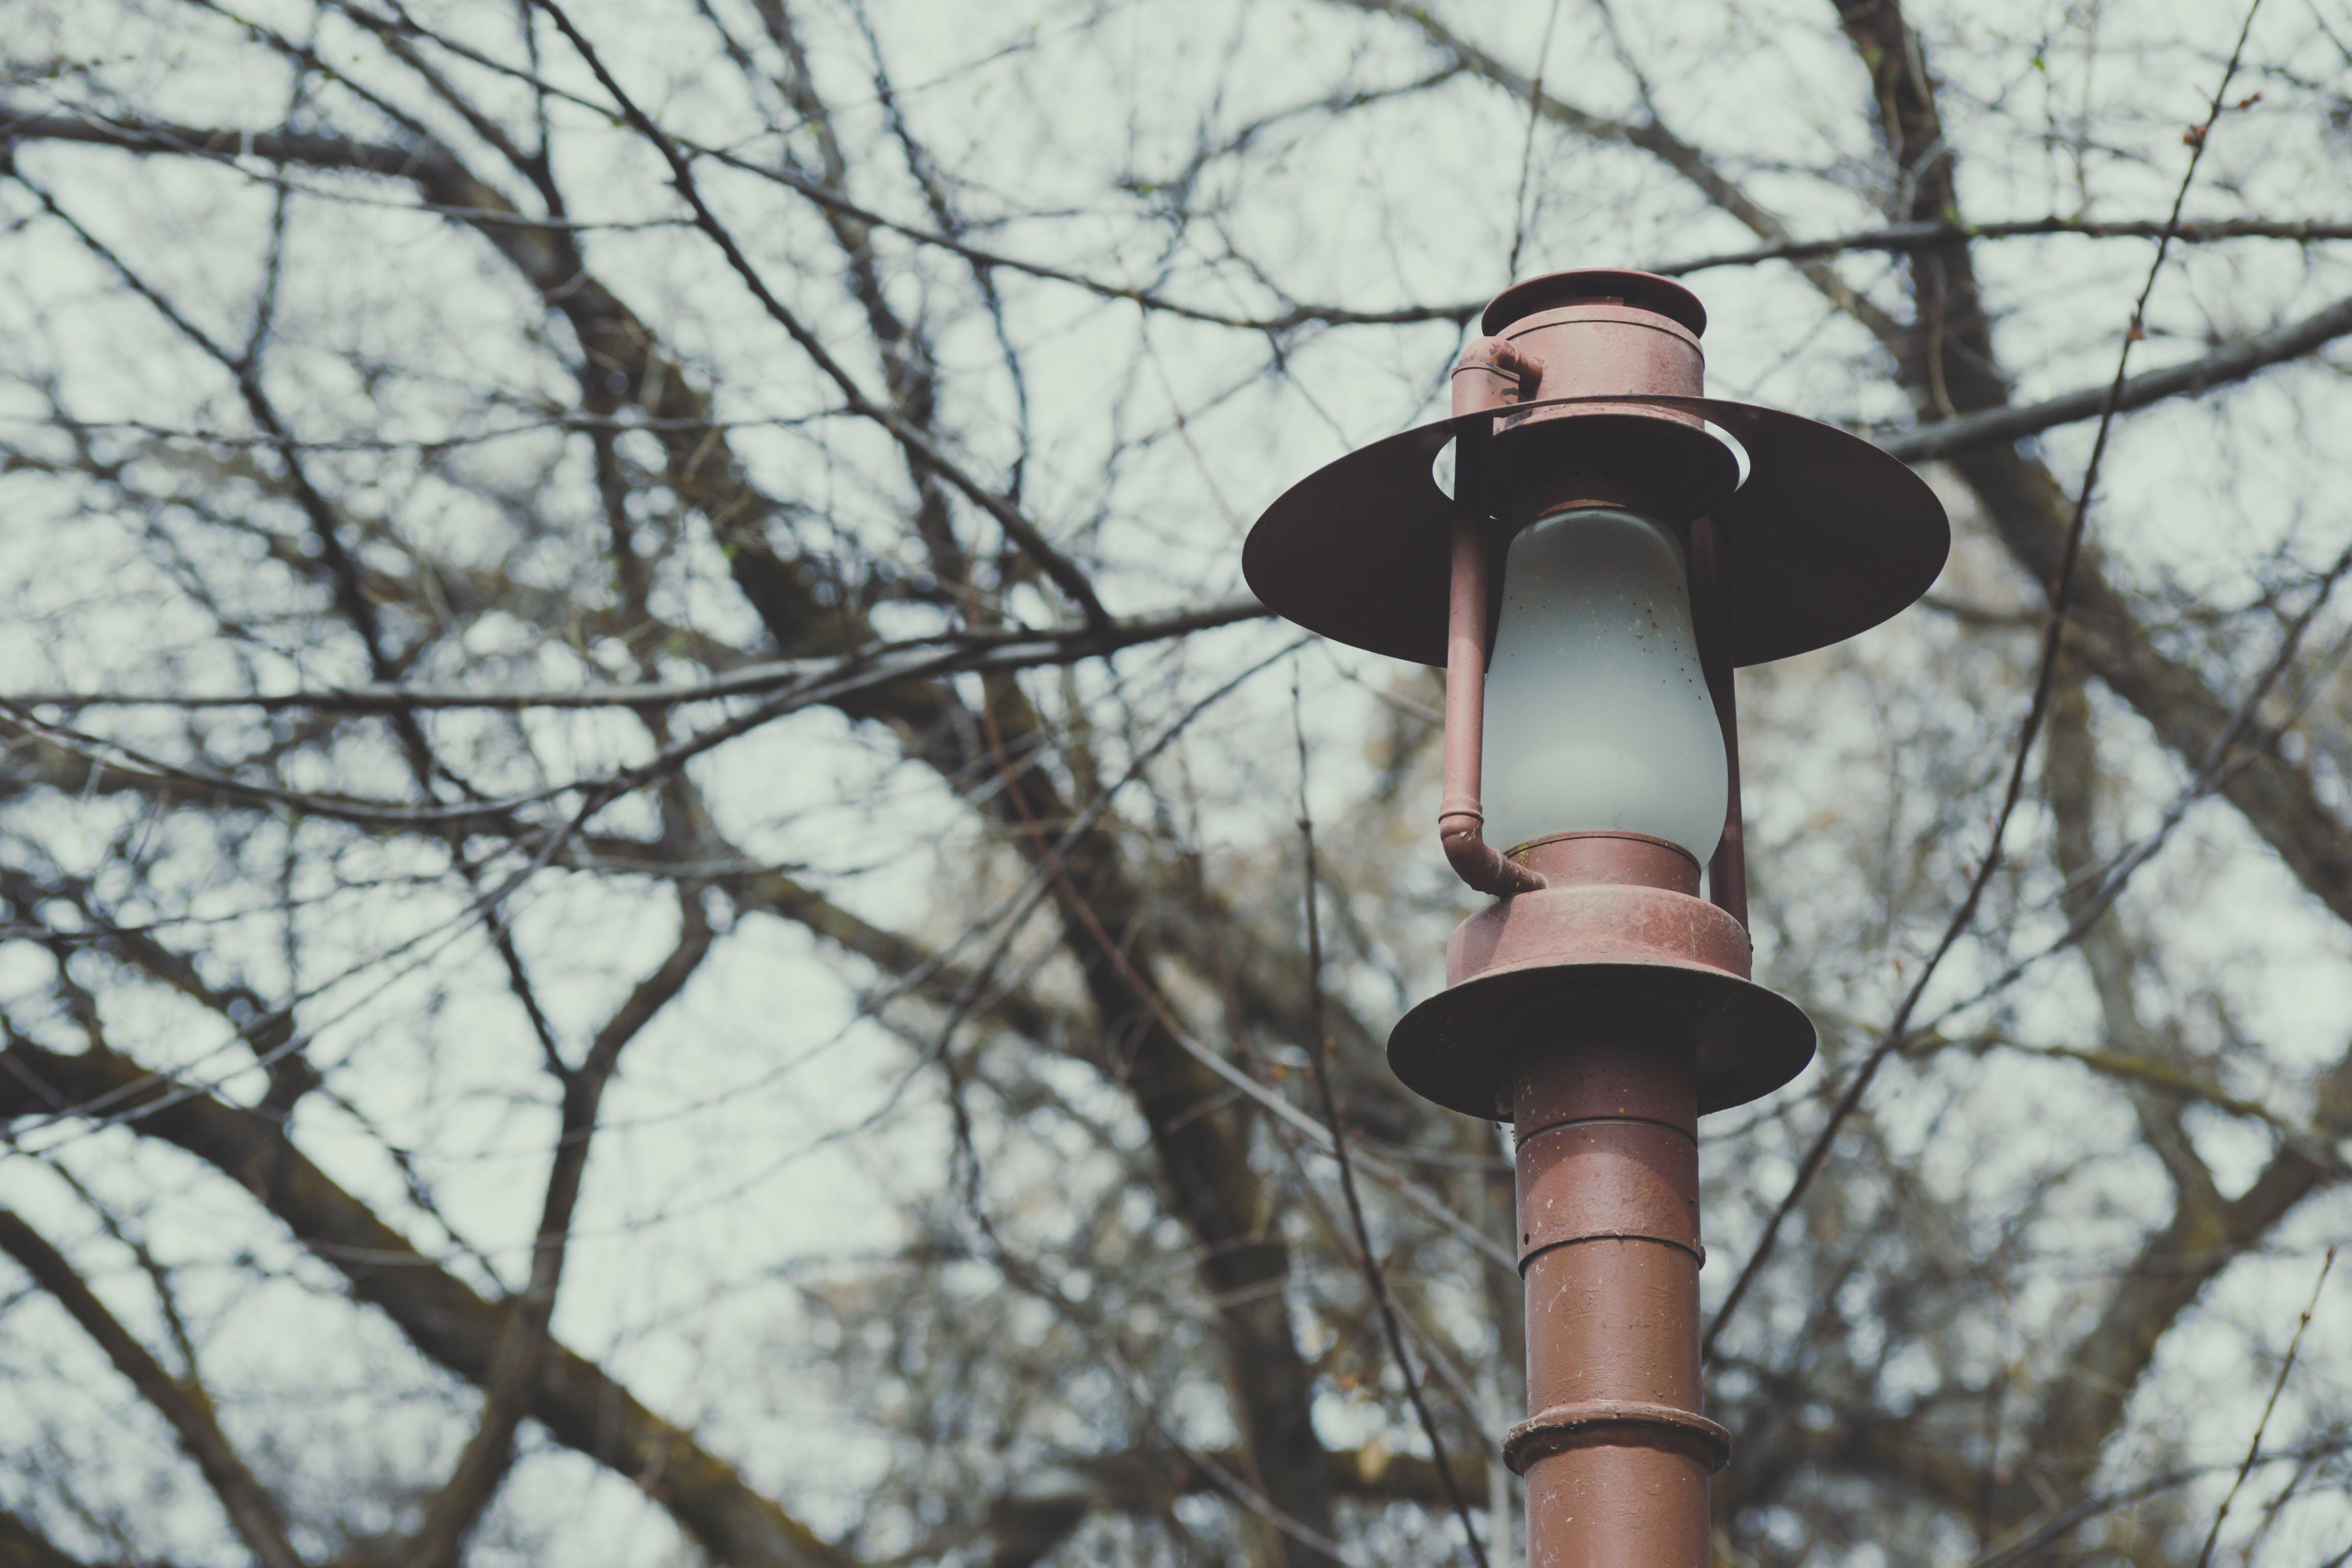 光, 分支機構, 原本, 天性 的 免費圖庫相片